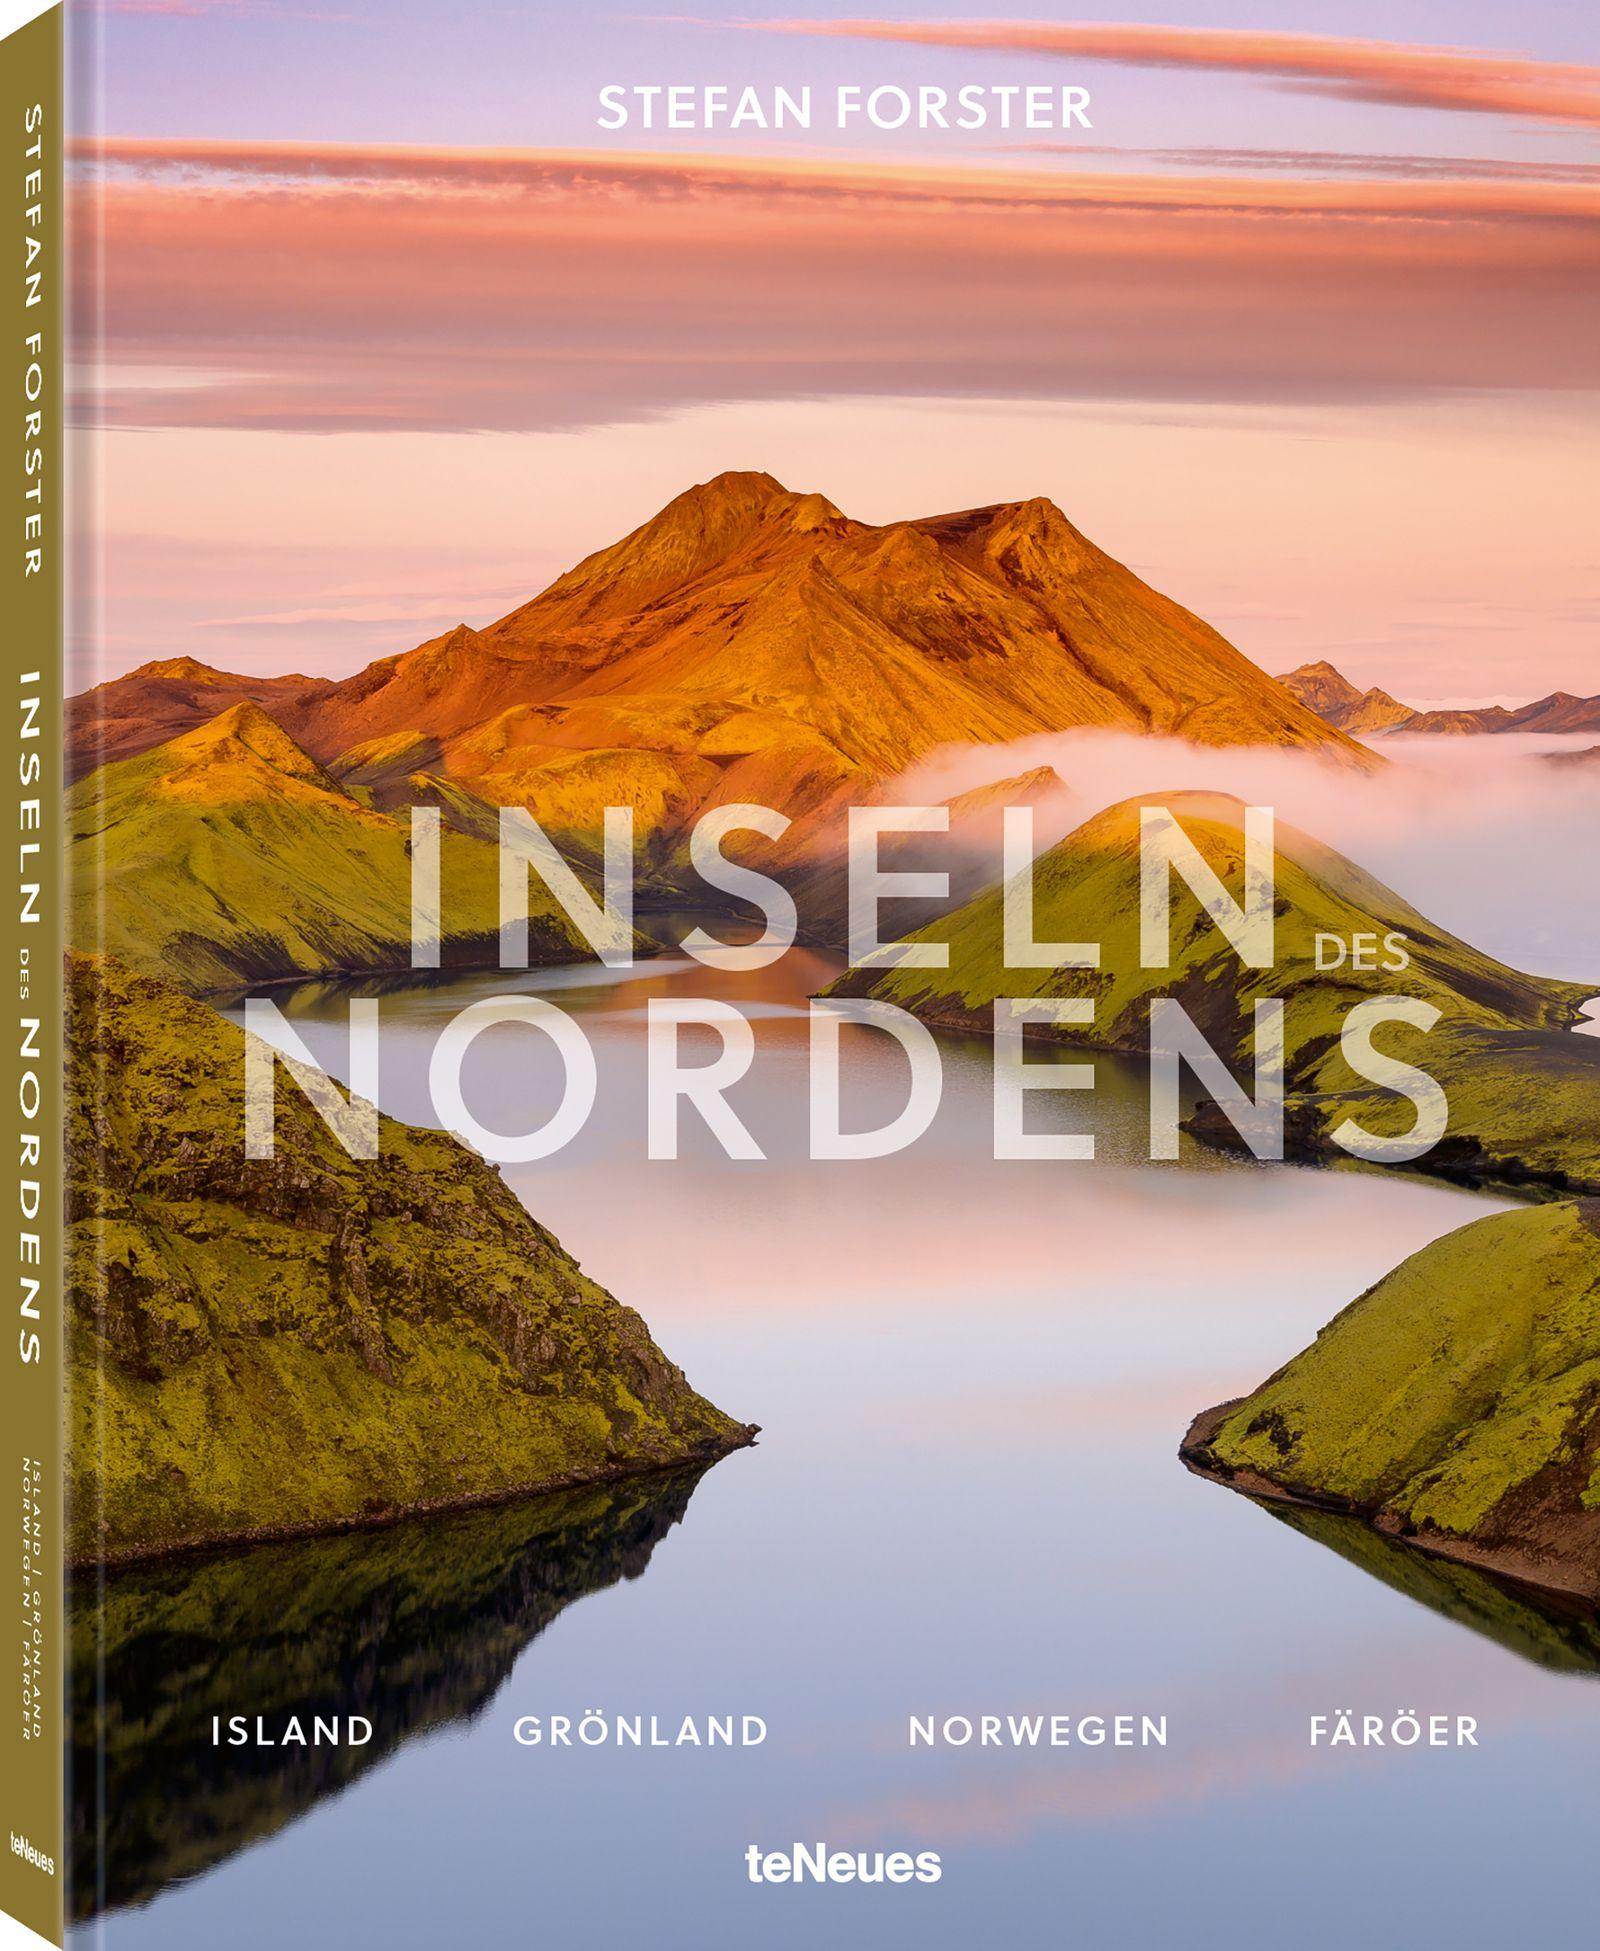 Inseln des Nordens/ Stefan Forster COVER